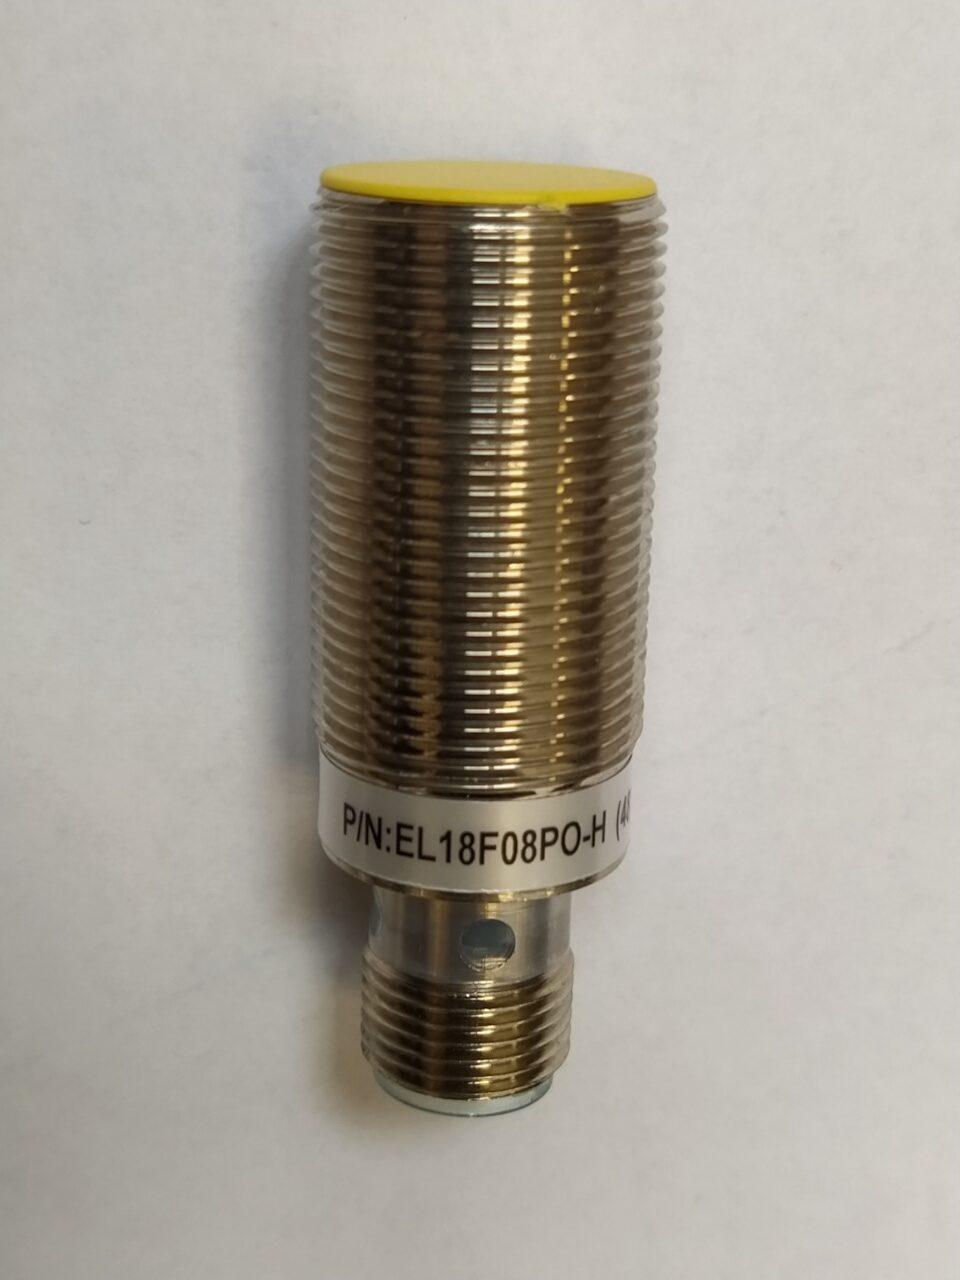 EL18F08PO-H(48) – czujnik indukcyjny M18, Sn=8mm, PNP NO, konektor M12, długość 48mm, Indual EcoLine